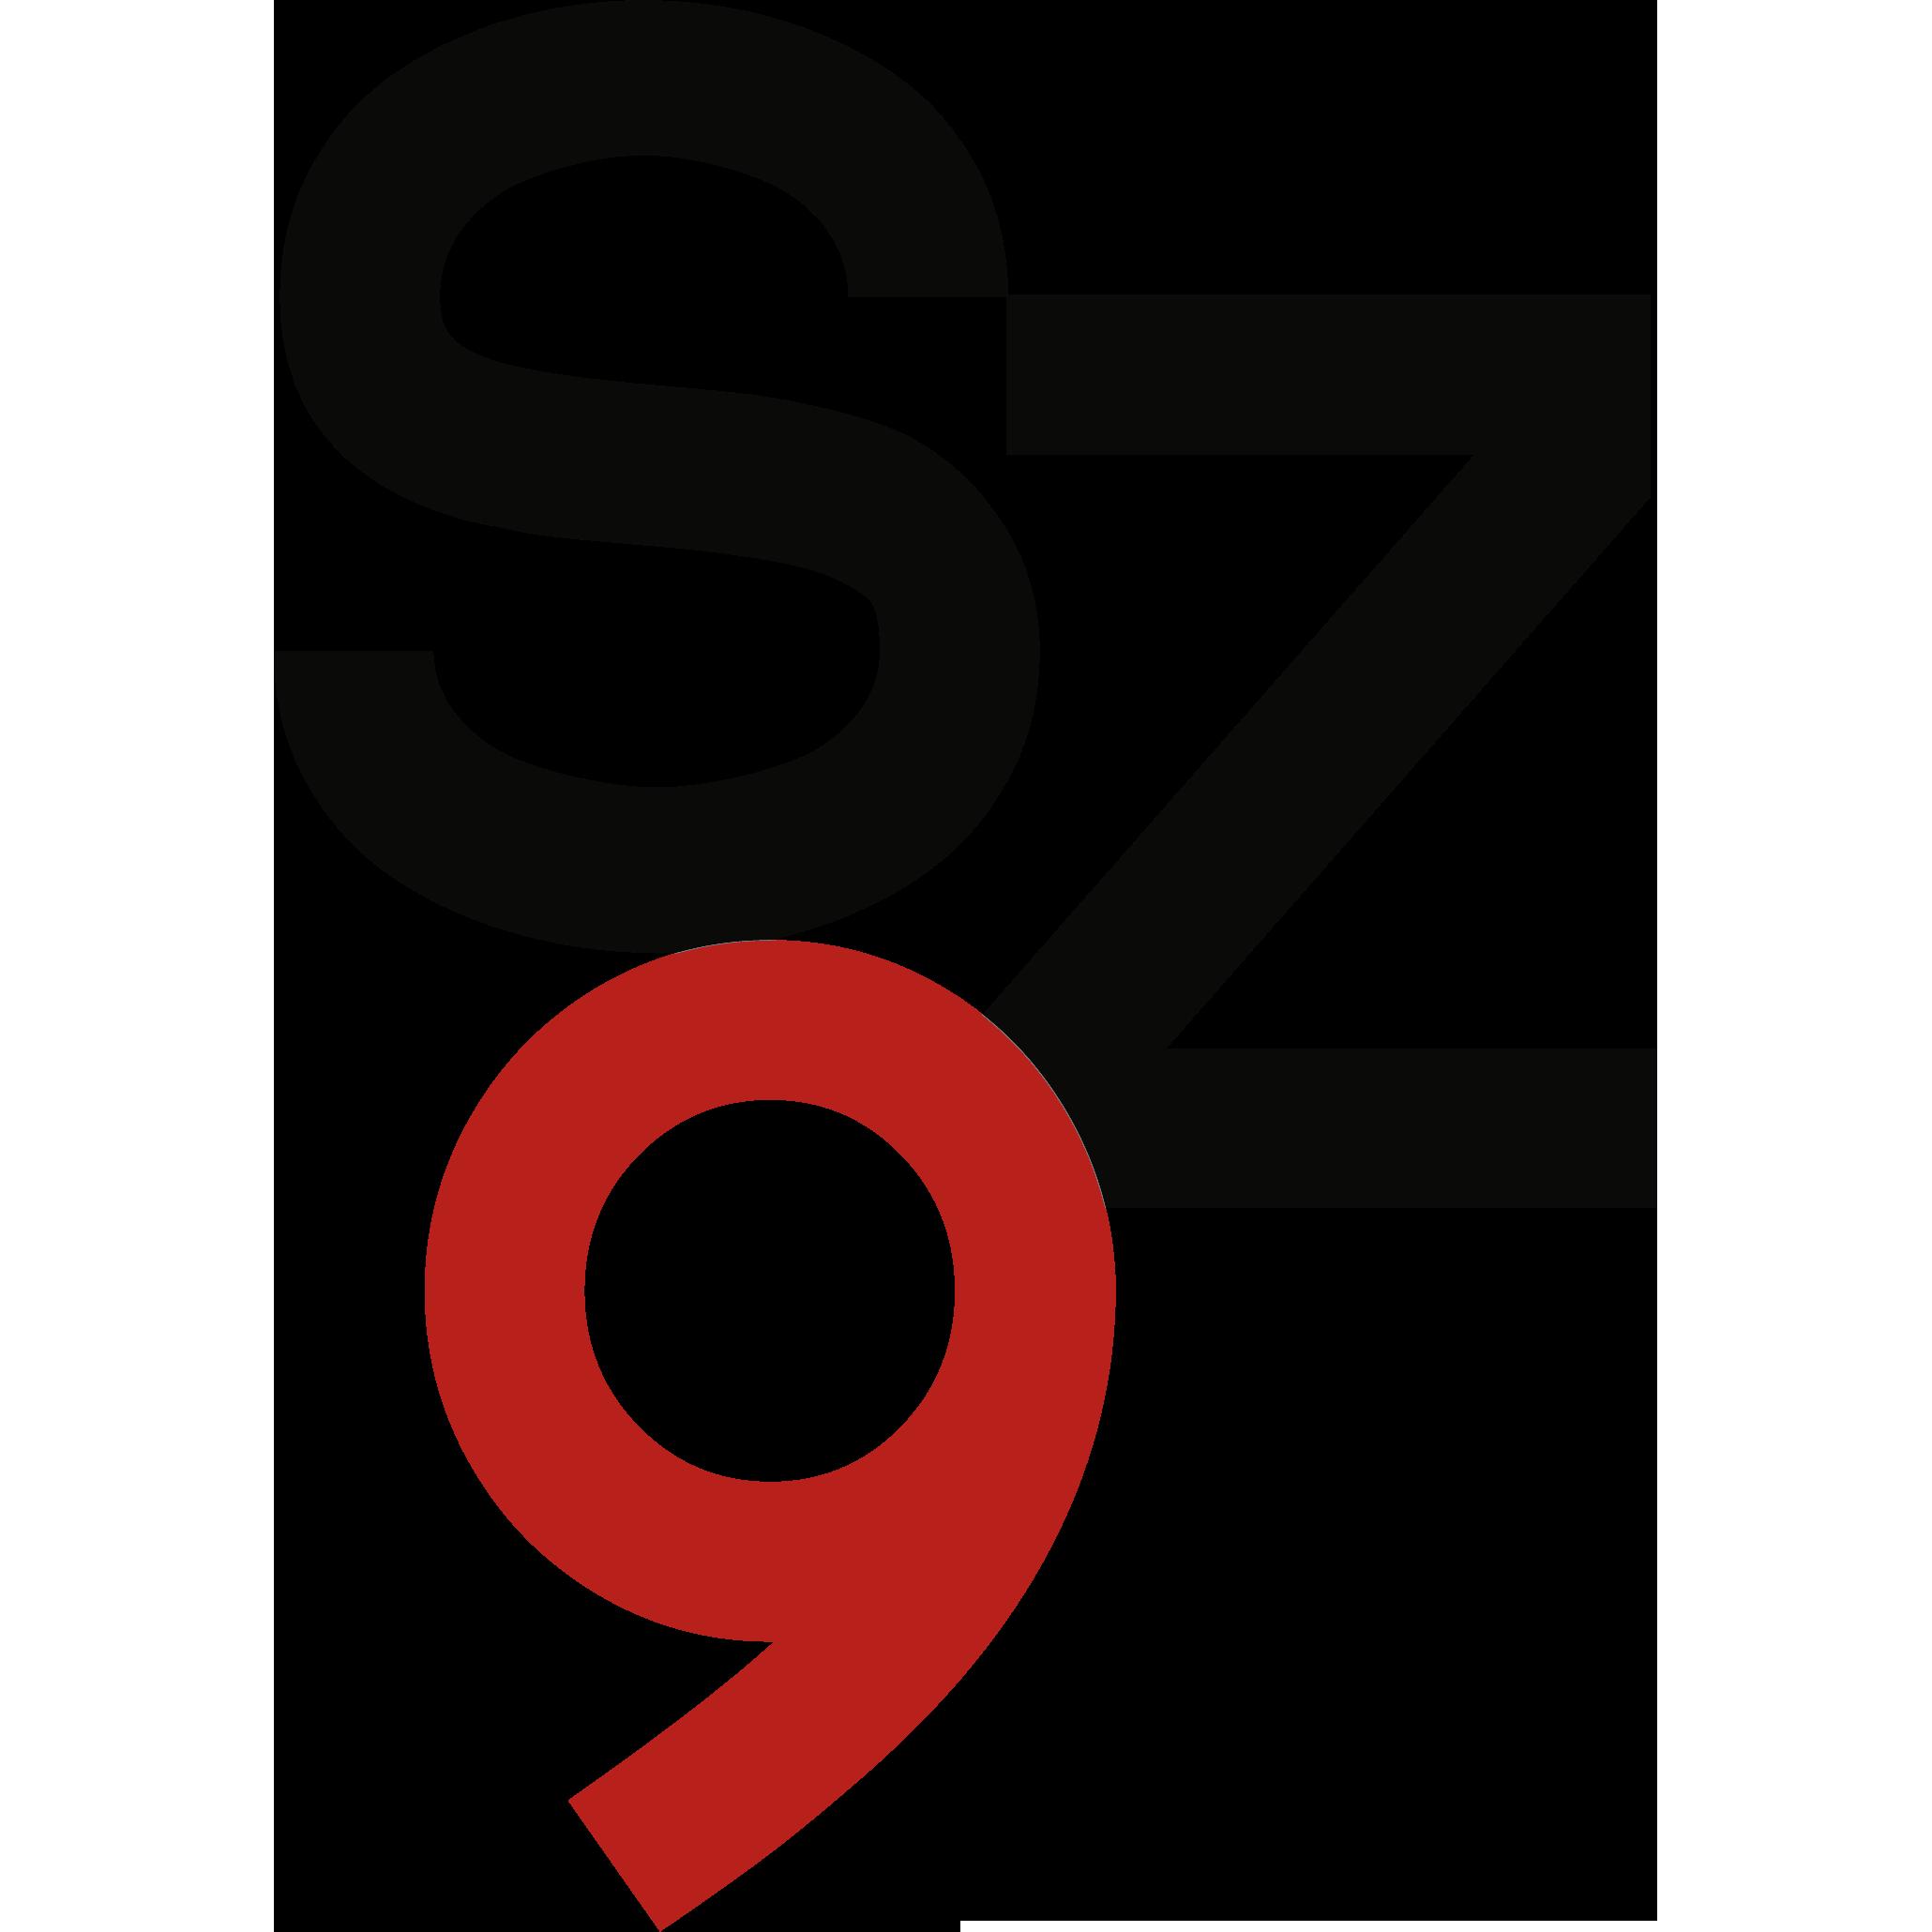 https://homelessfestival.org/wp-content/uploads/2021/09/Logo-Santurzine9-n-100x100-2.png